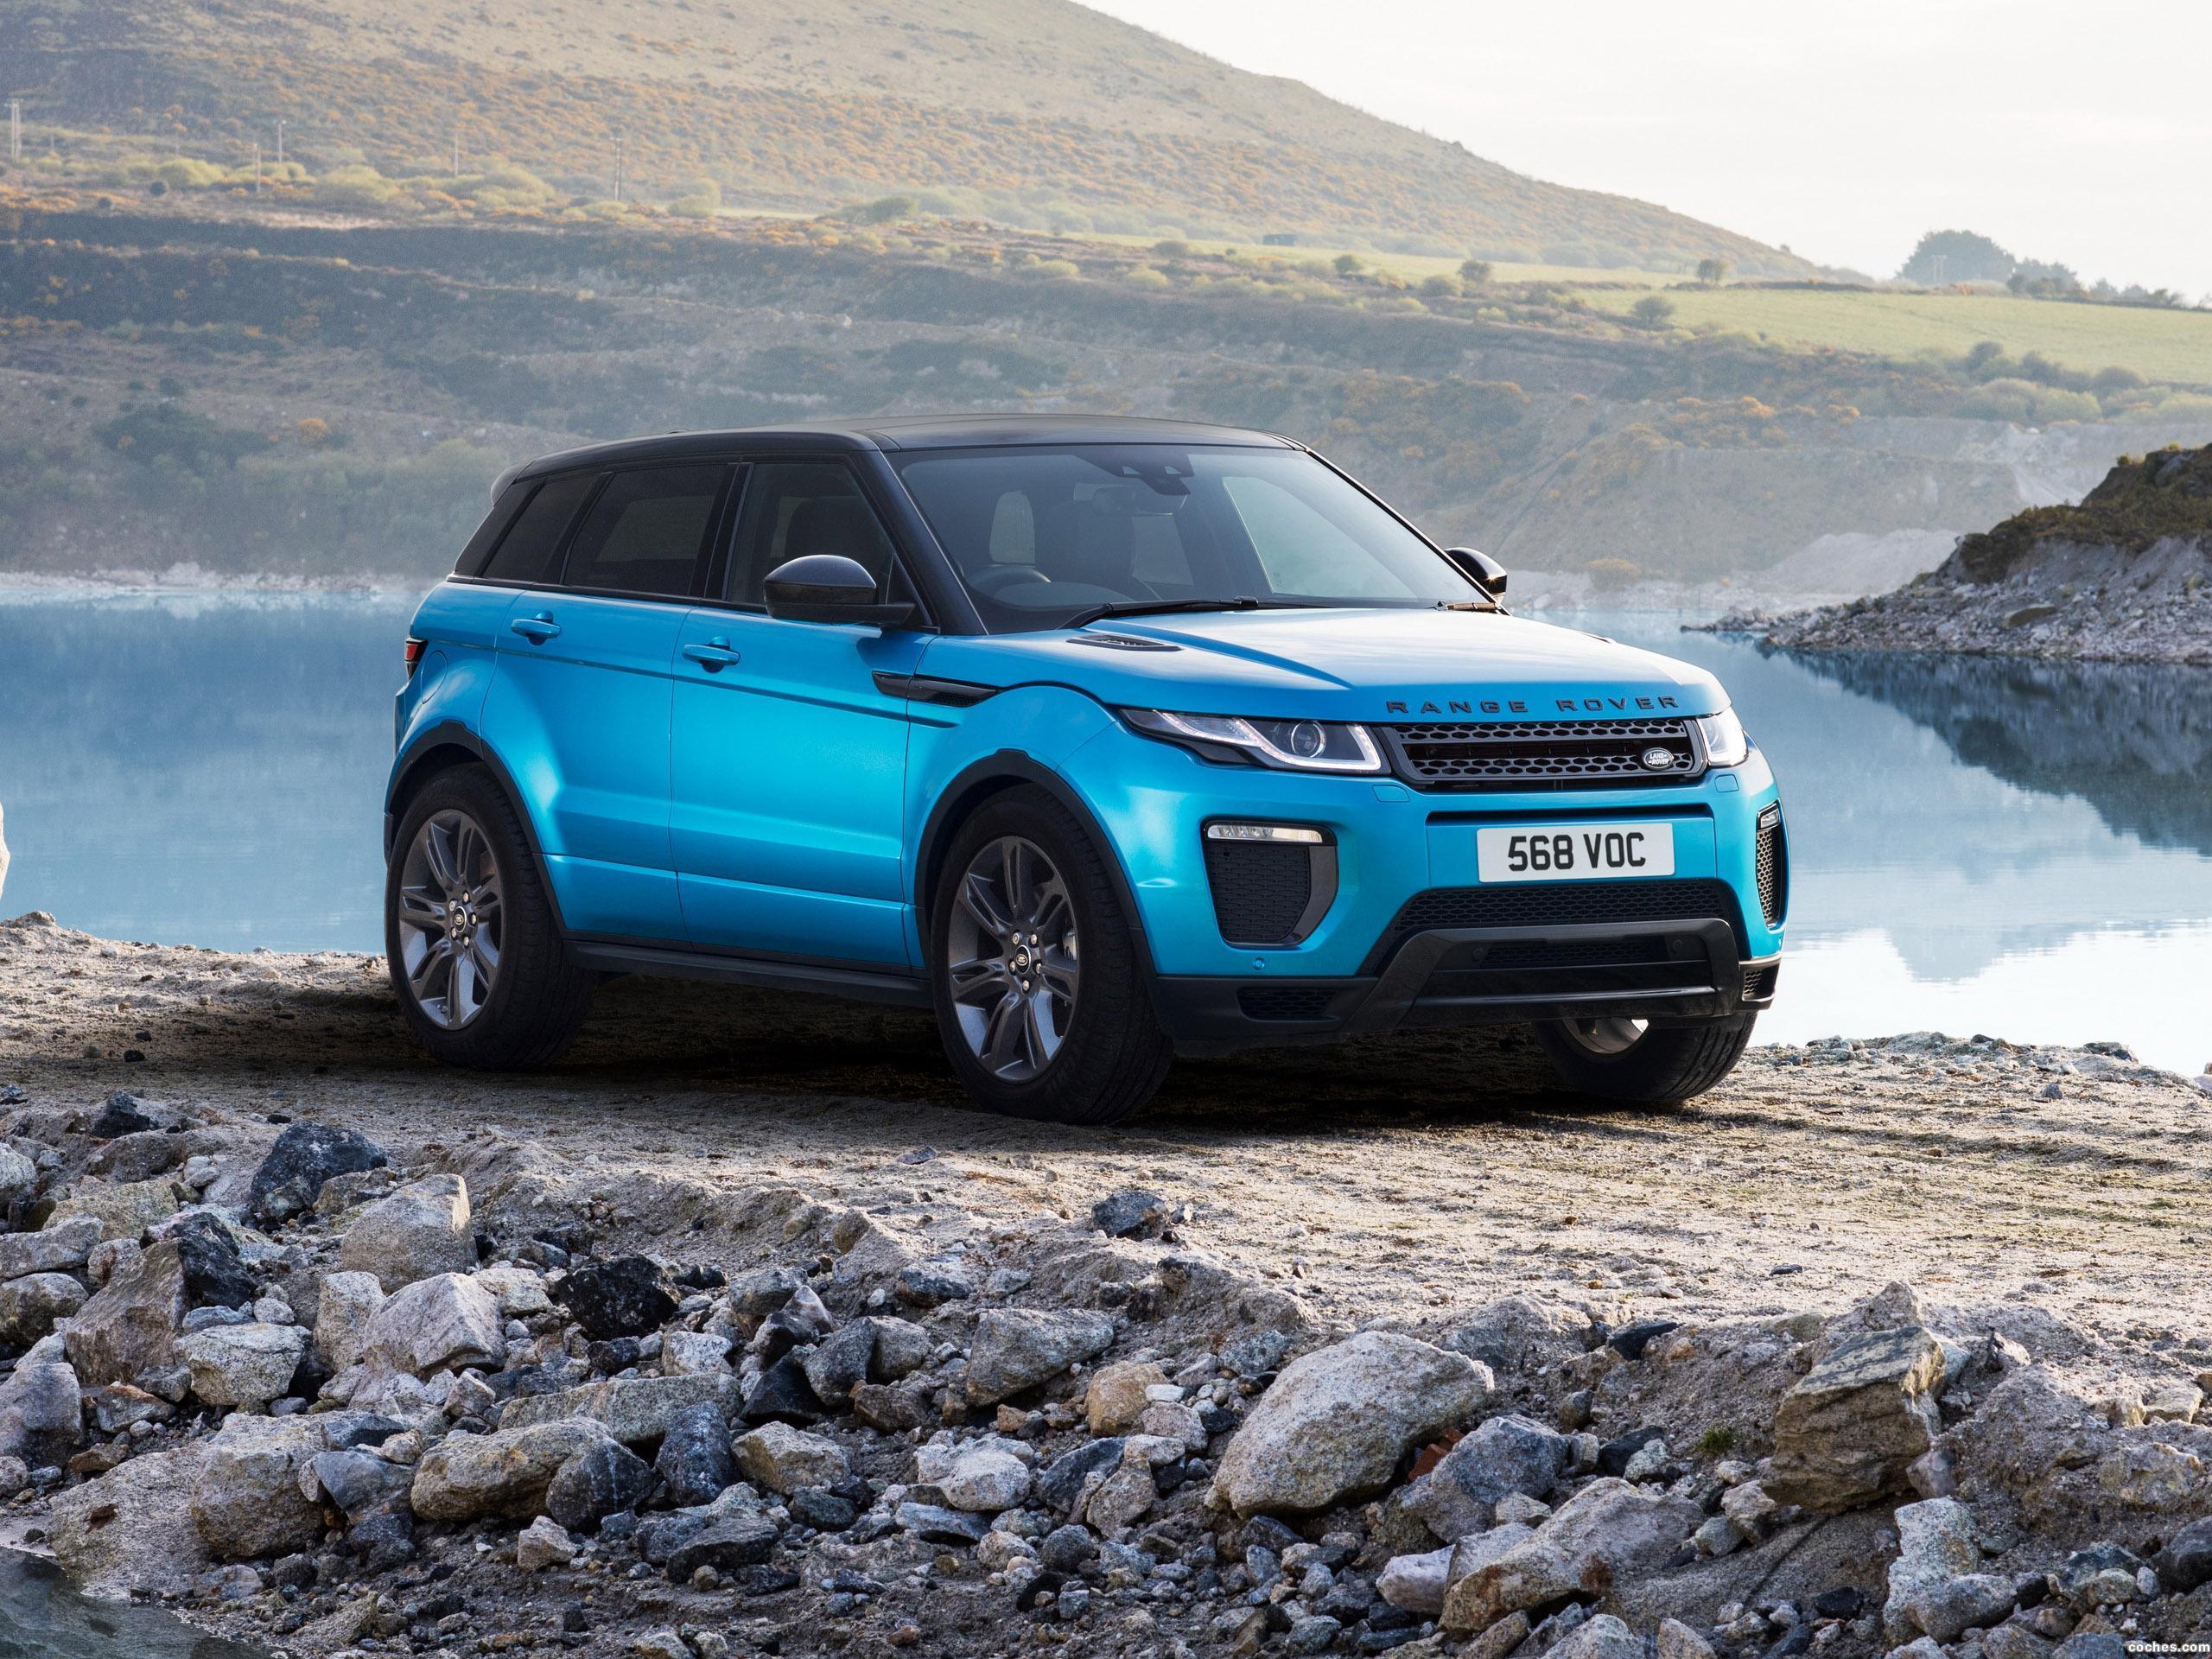 Foto 0 de Land Rover Range Rover Evoque Landmark 2017